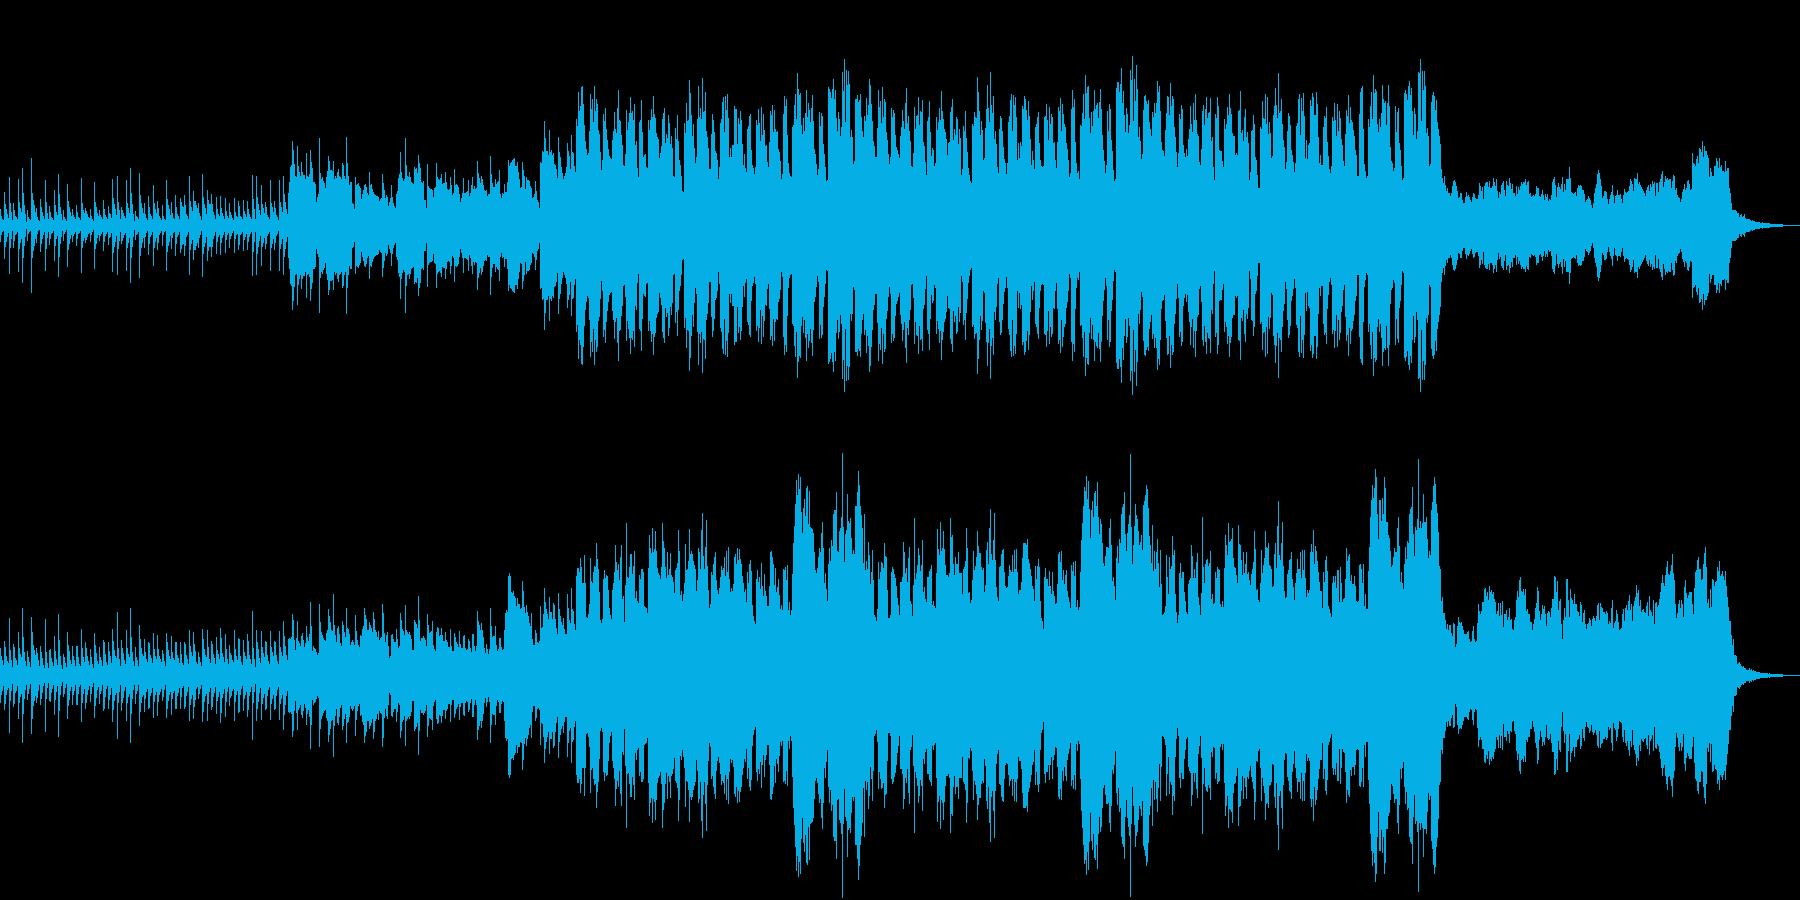 オリエンタルな響きのシネマライクな楽曲の再生済みの波形